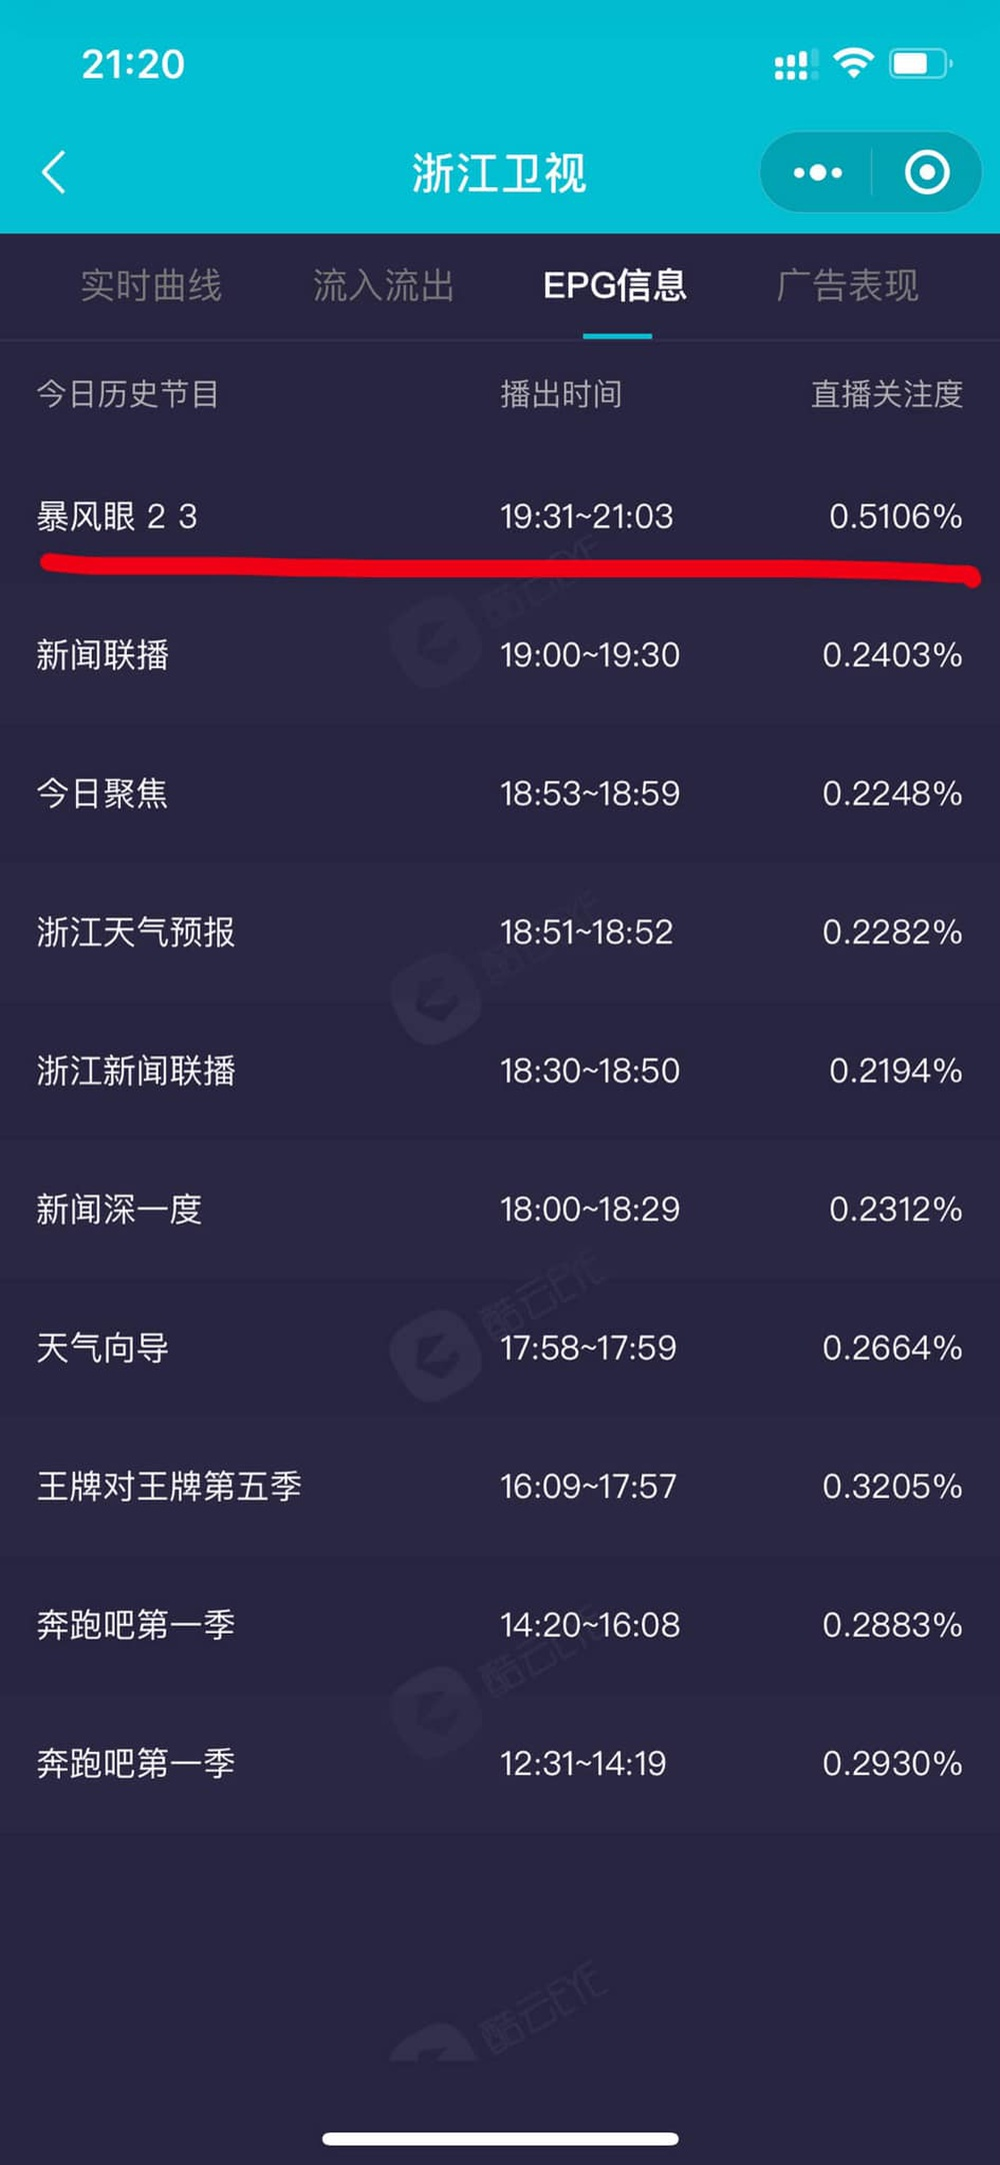 Bạo Phong Nhãn được nhiều quốc gia mua bản quyền phát sóng toàn thế giới, đạt rating khủng sau 2 tập đầu Ảnh 6